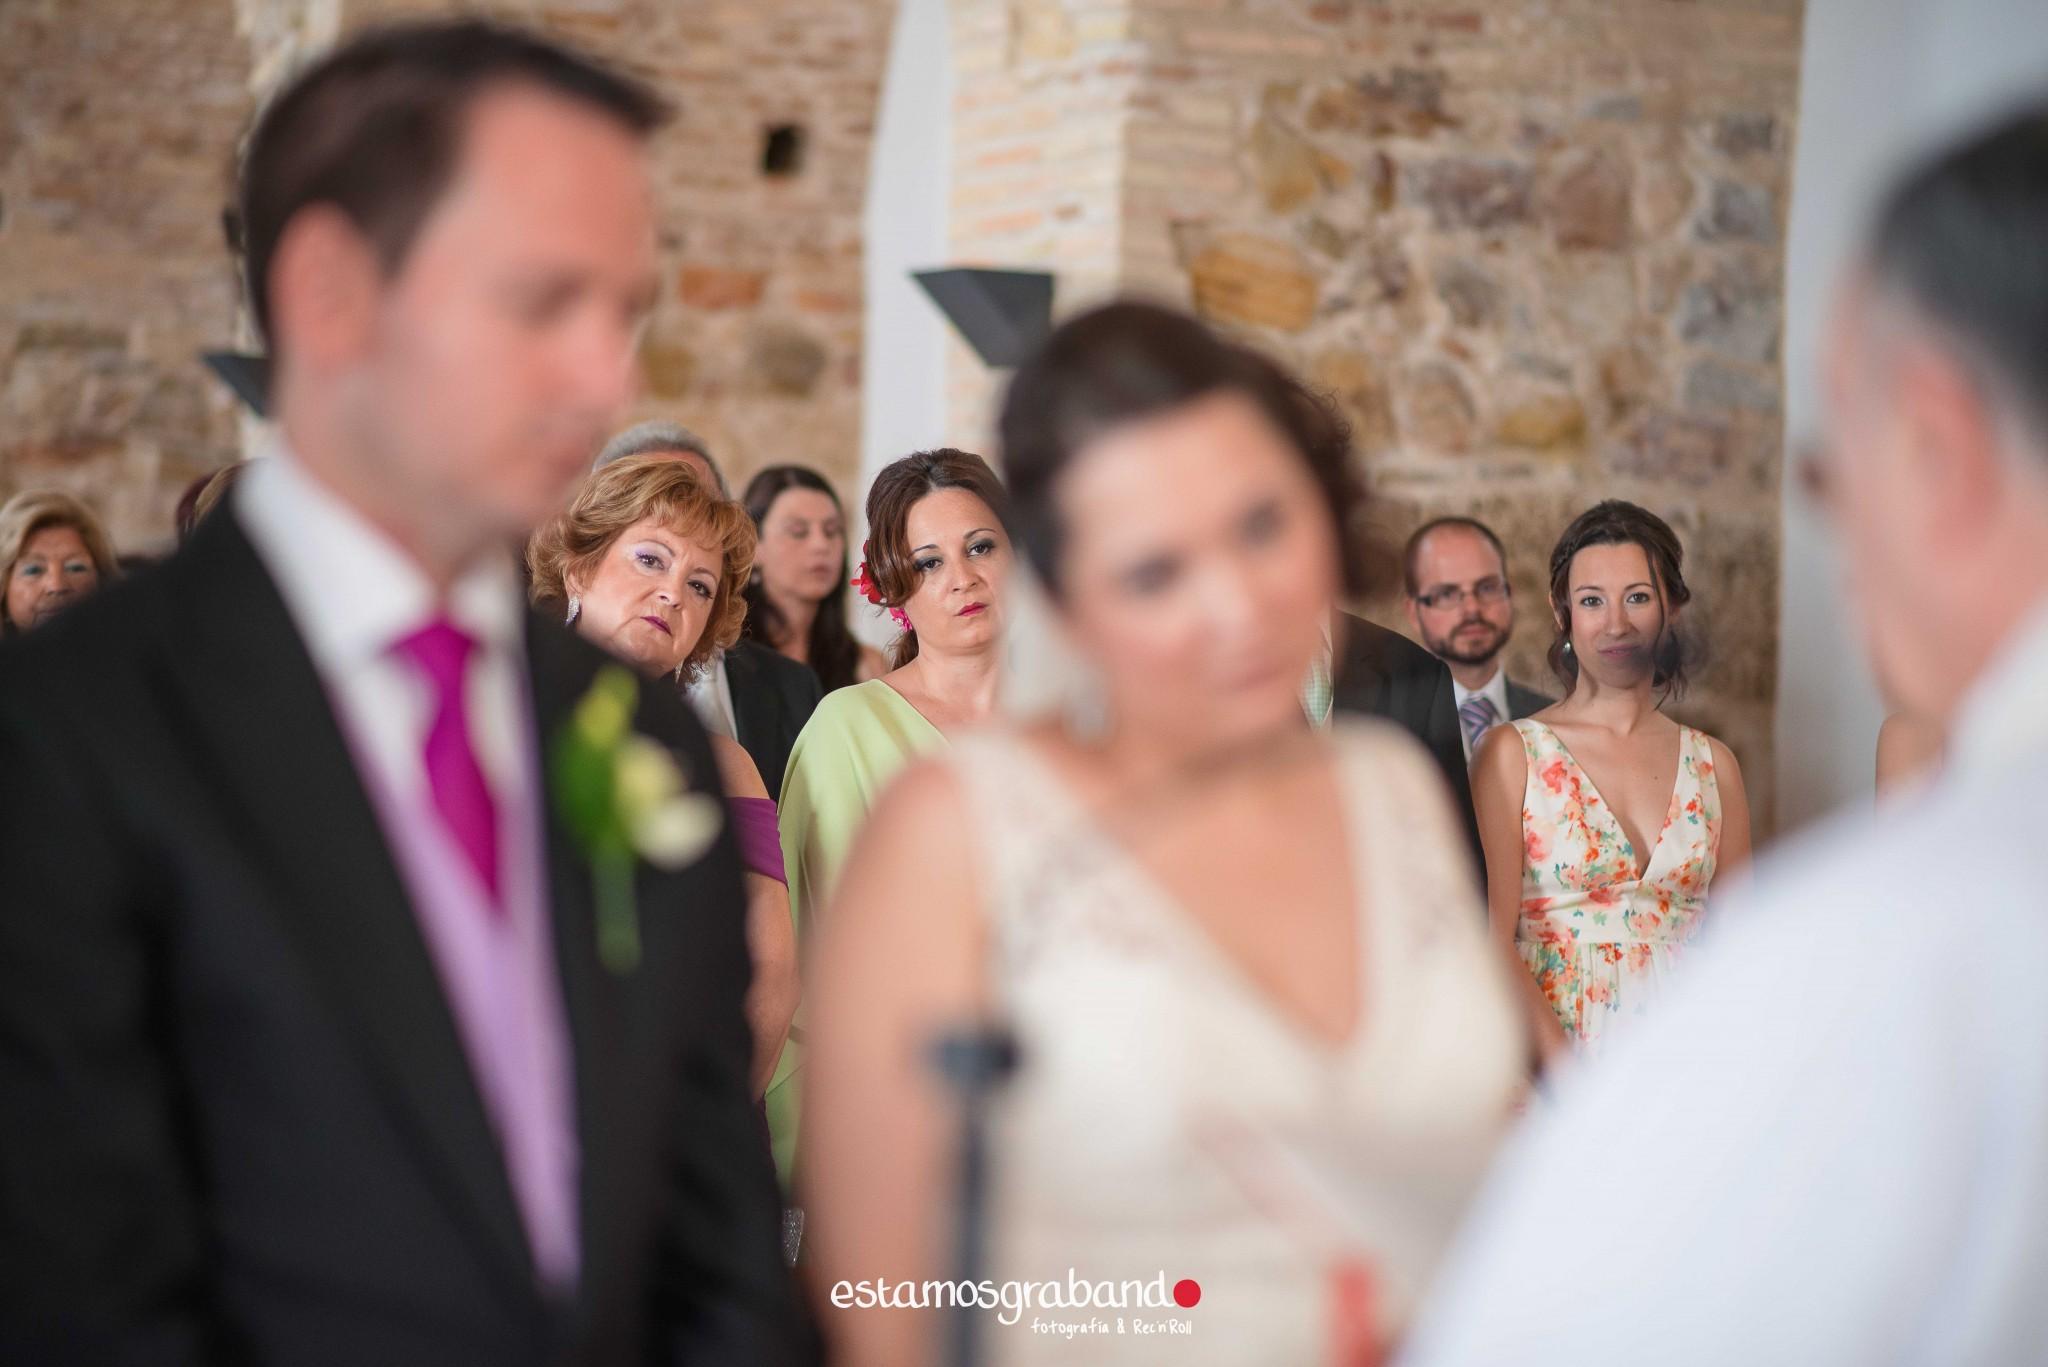 boda-en-chiclana_sonia-y-diego_fotograficc81a-de-boda-45 Zahara Sonia + Diego [Fotografía de Boda en Zahara] - video boda cadiz